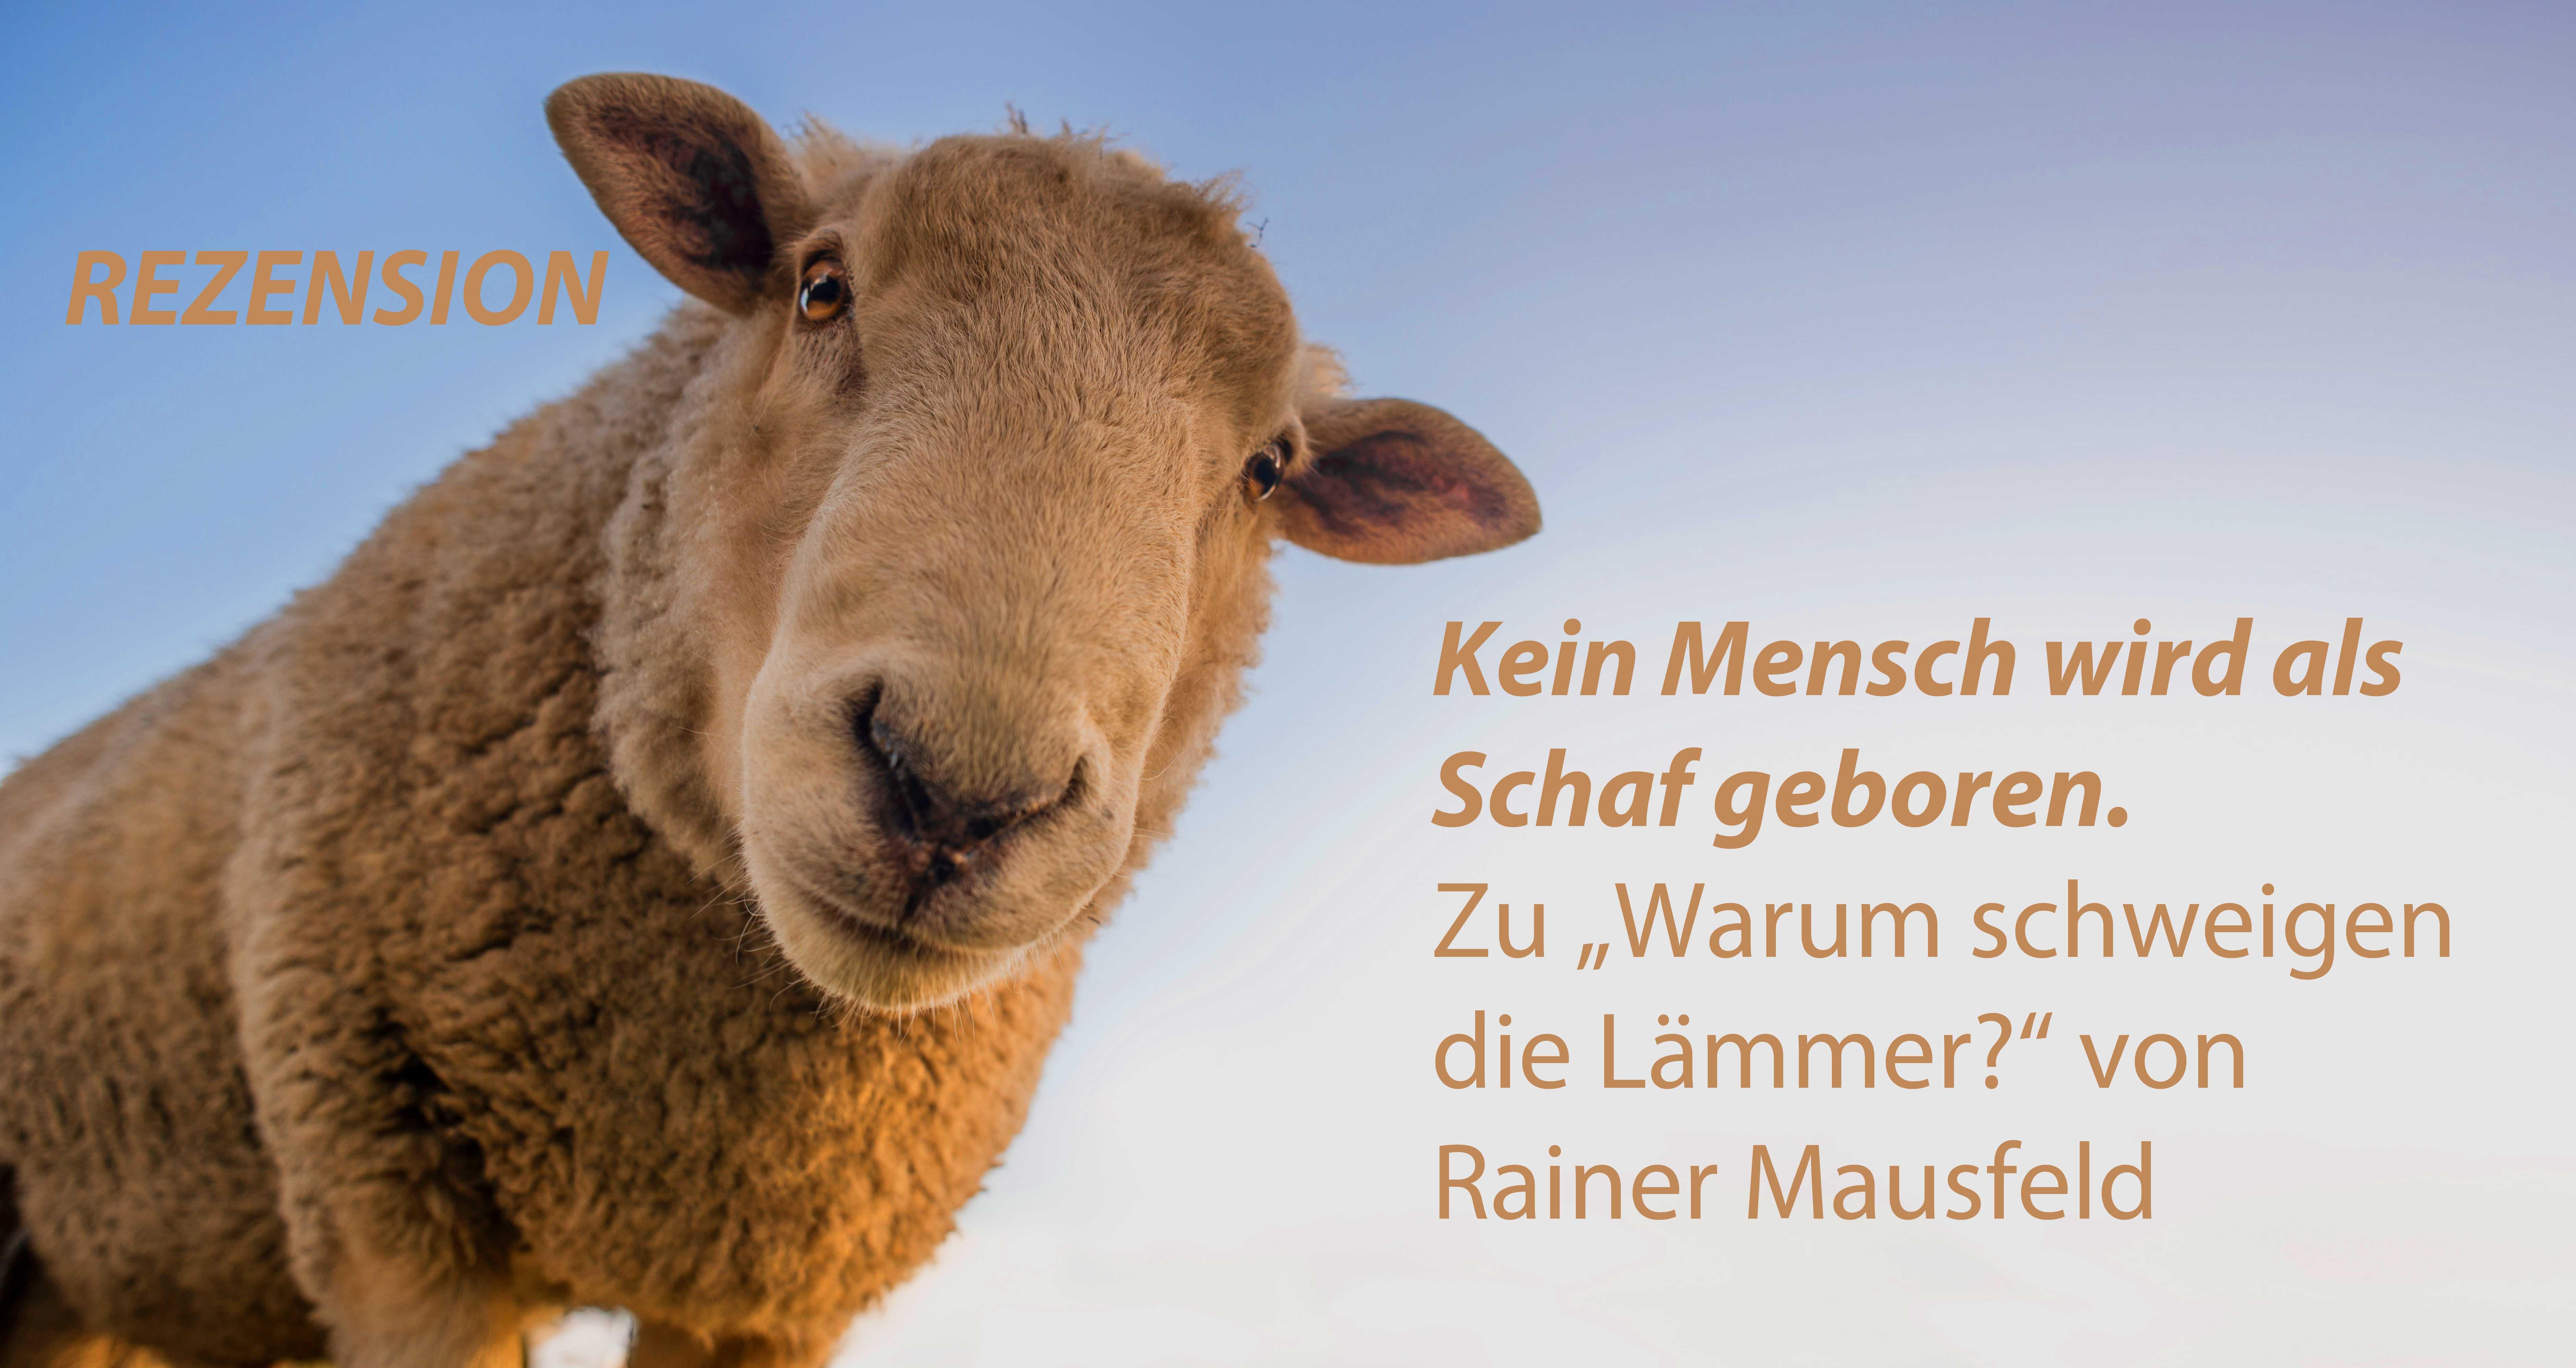 """Kein Mensch wird als Schaf geboren. Zu """"Warum schweigen die Lämmer?"""" von Rainer Mausfeld."""